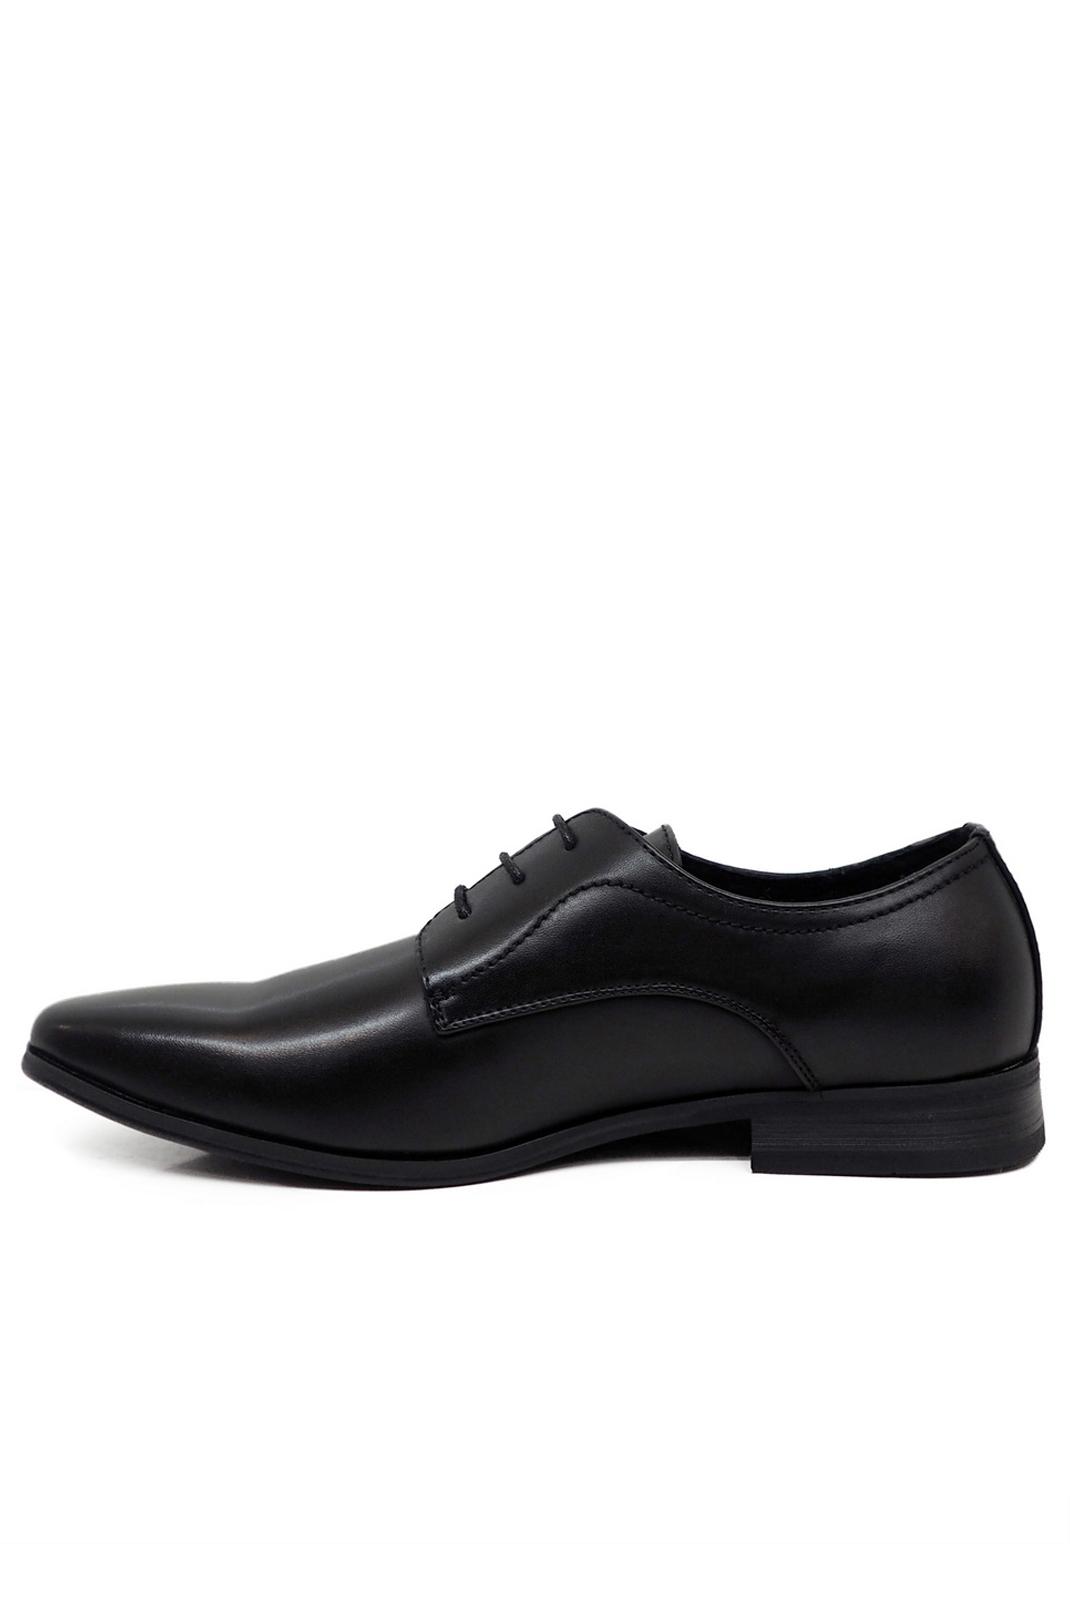 Chaussures de ville  Galax GH3131 NOIR